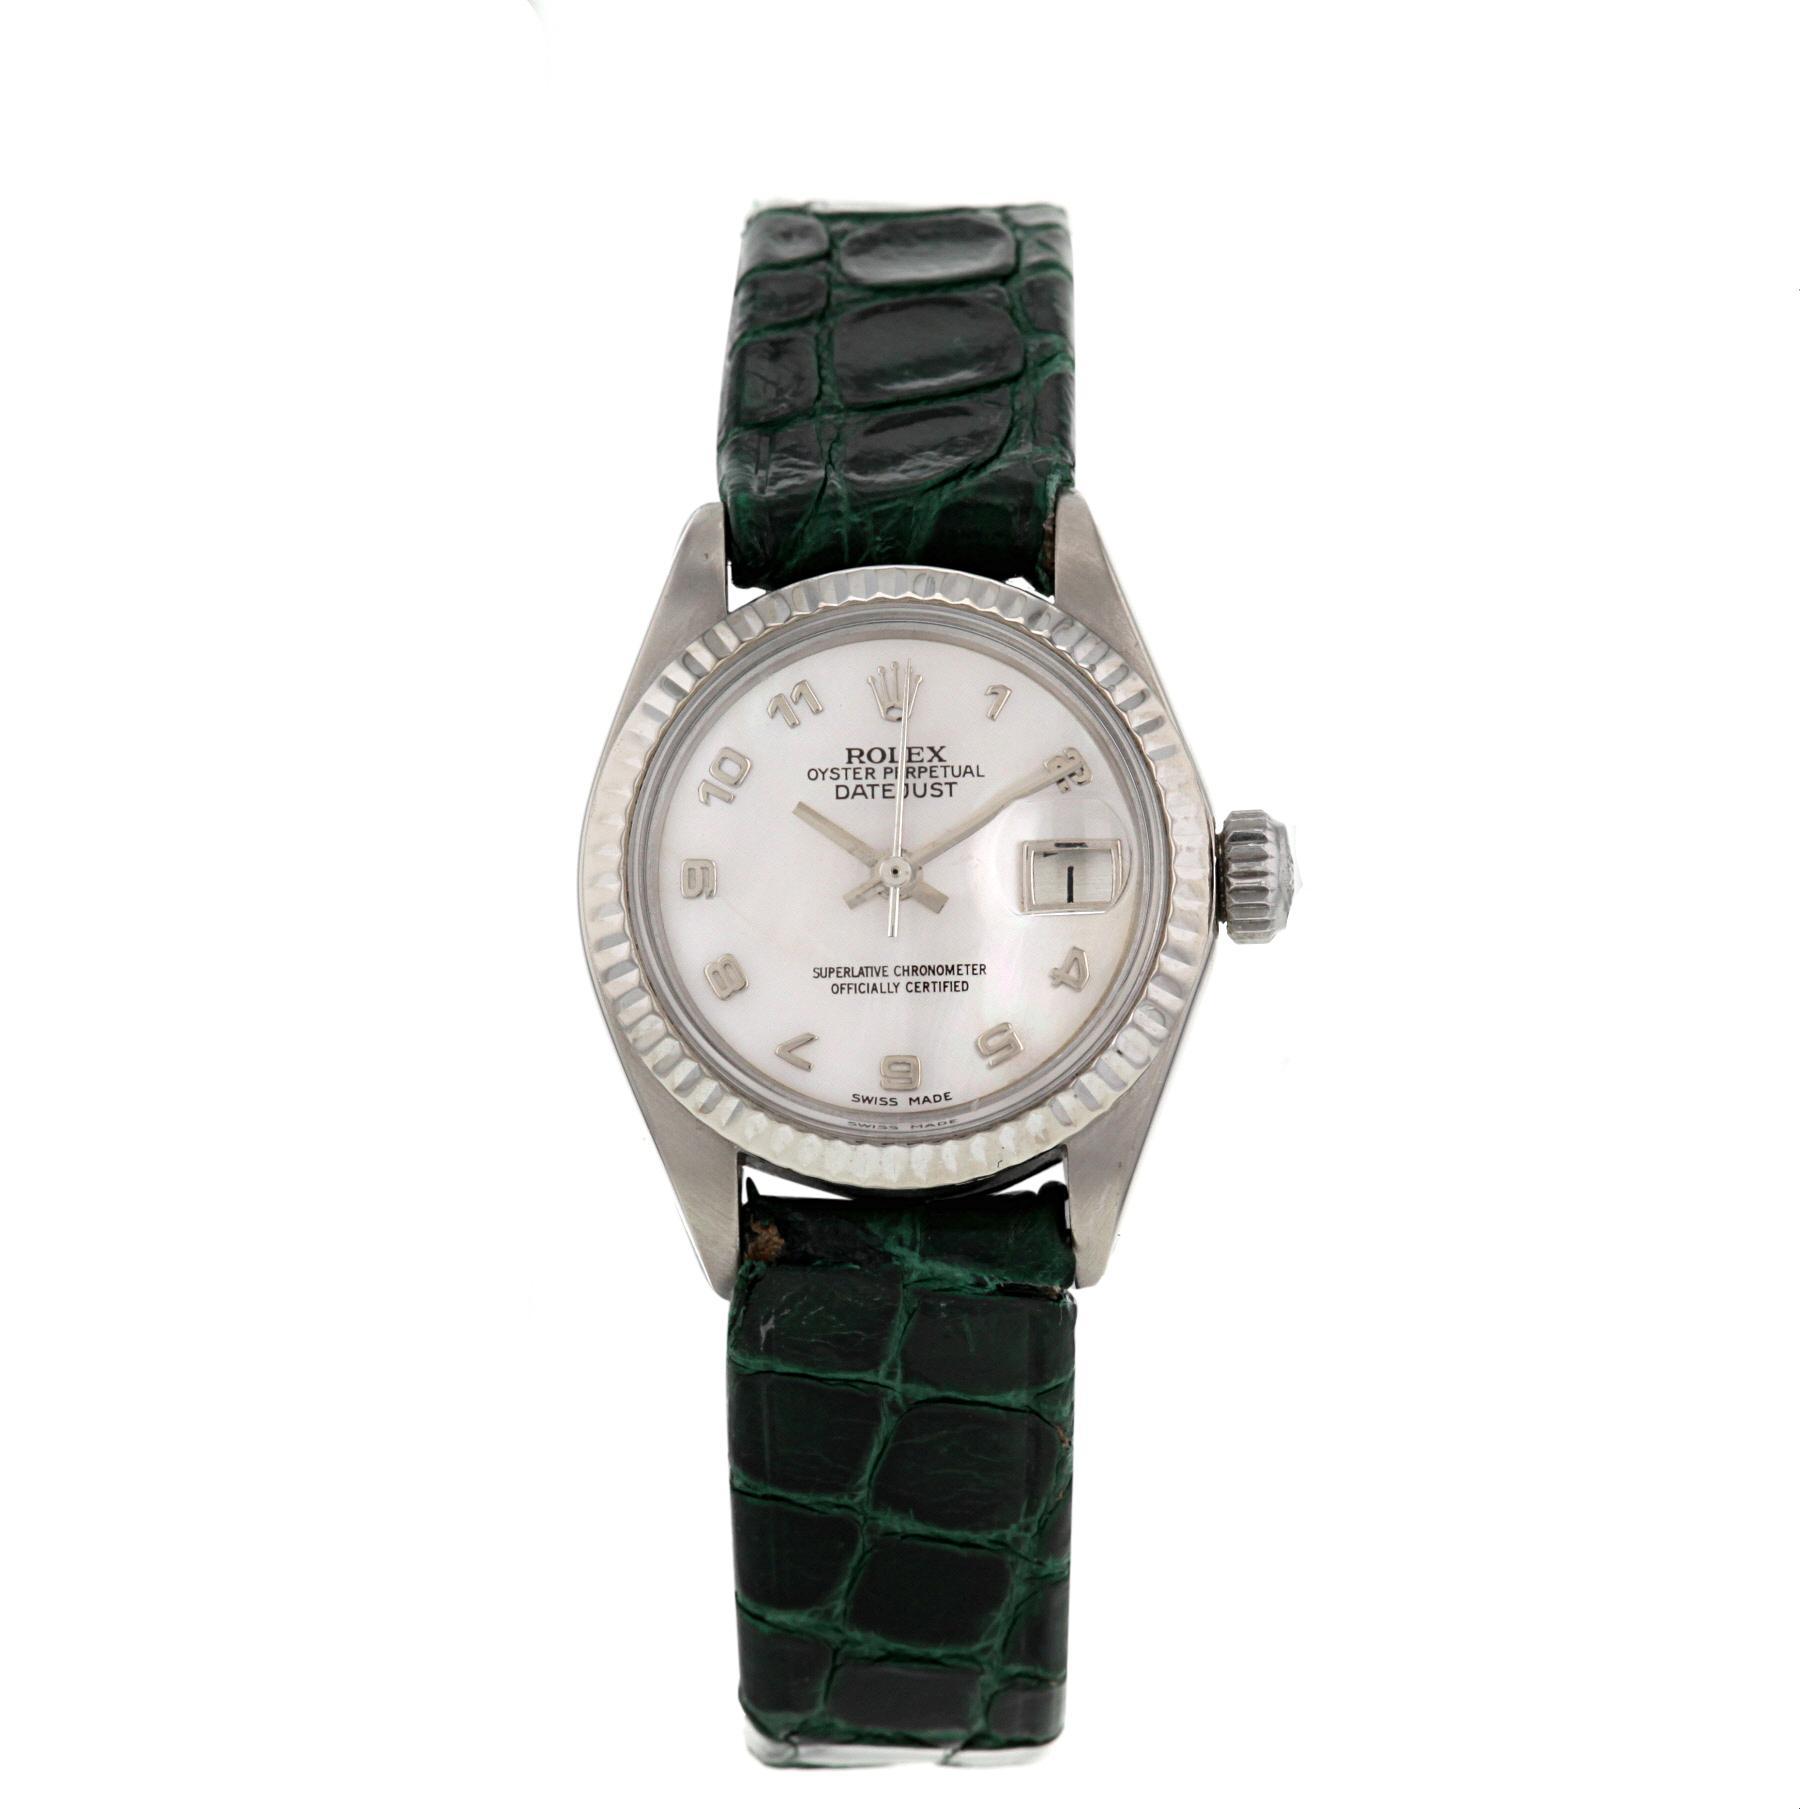 e2425dc509fbb La Rolex Datejust, la montre symbole d'une marque couronnée - Madame ...